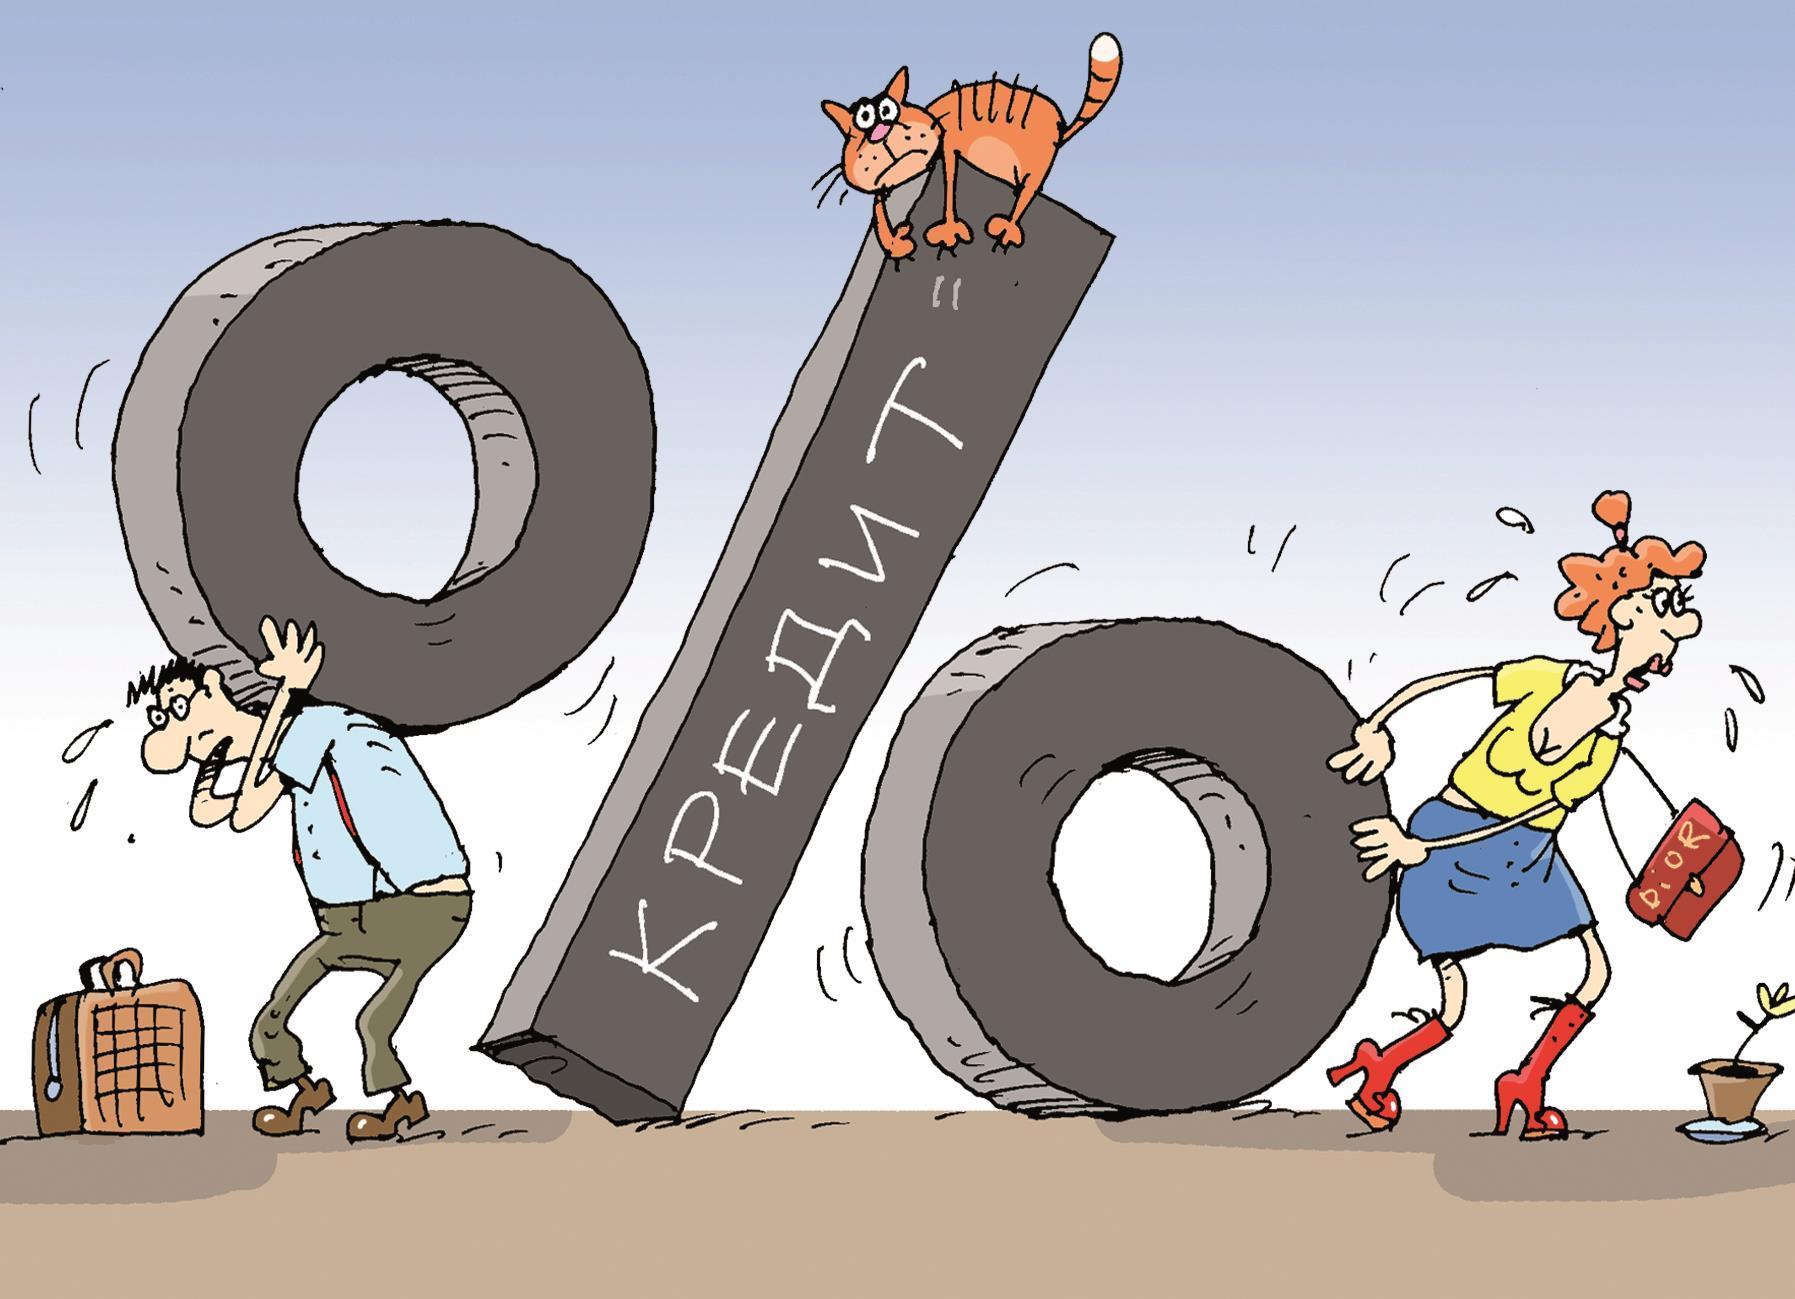 Как делятся кредиты при разводе супругов, если есть ребенок - в 2020 году